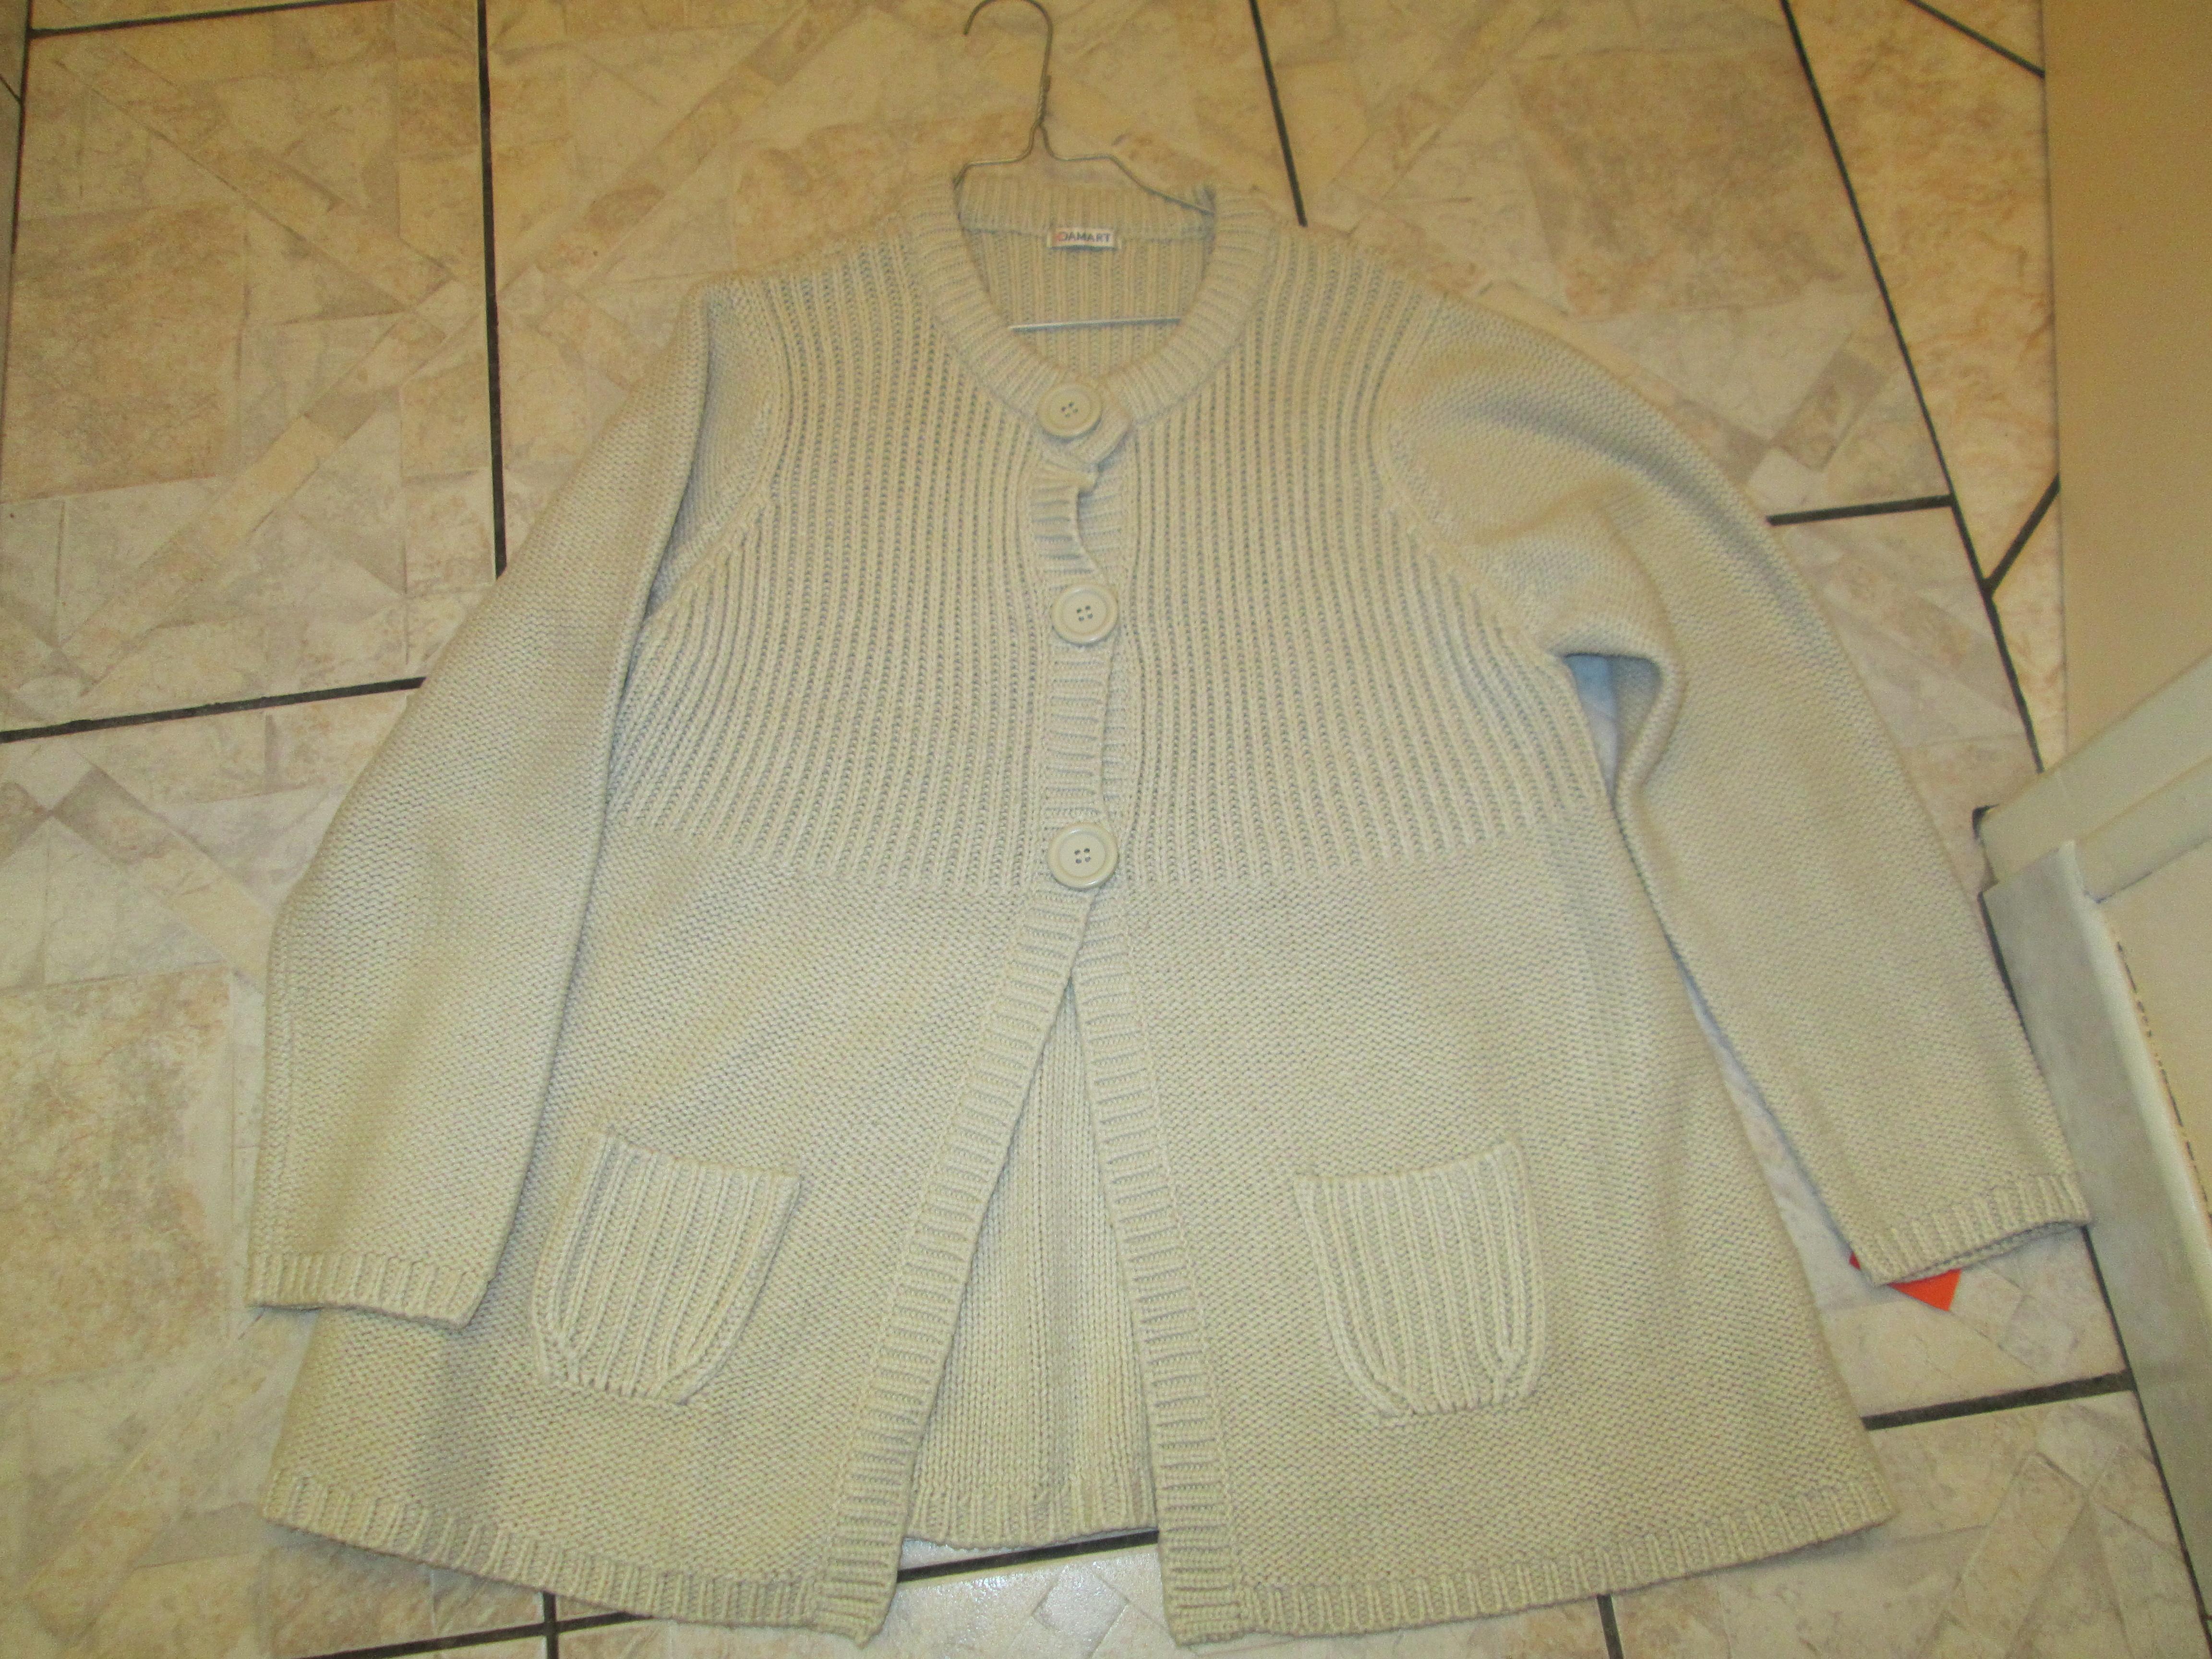 troc de troc reserve    veste de laine damard  taille 46/48 25 noisettes image 2